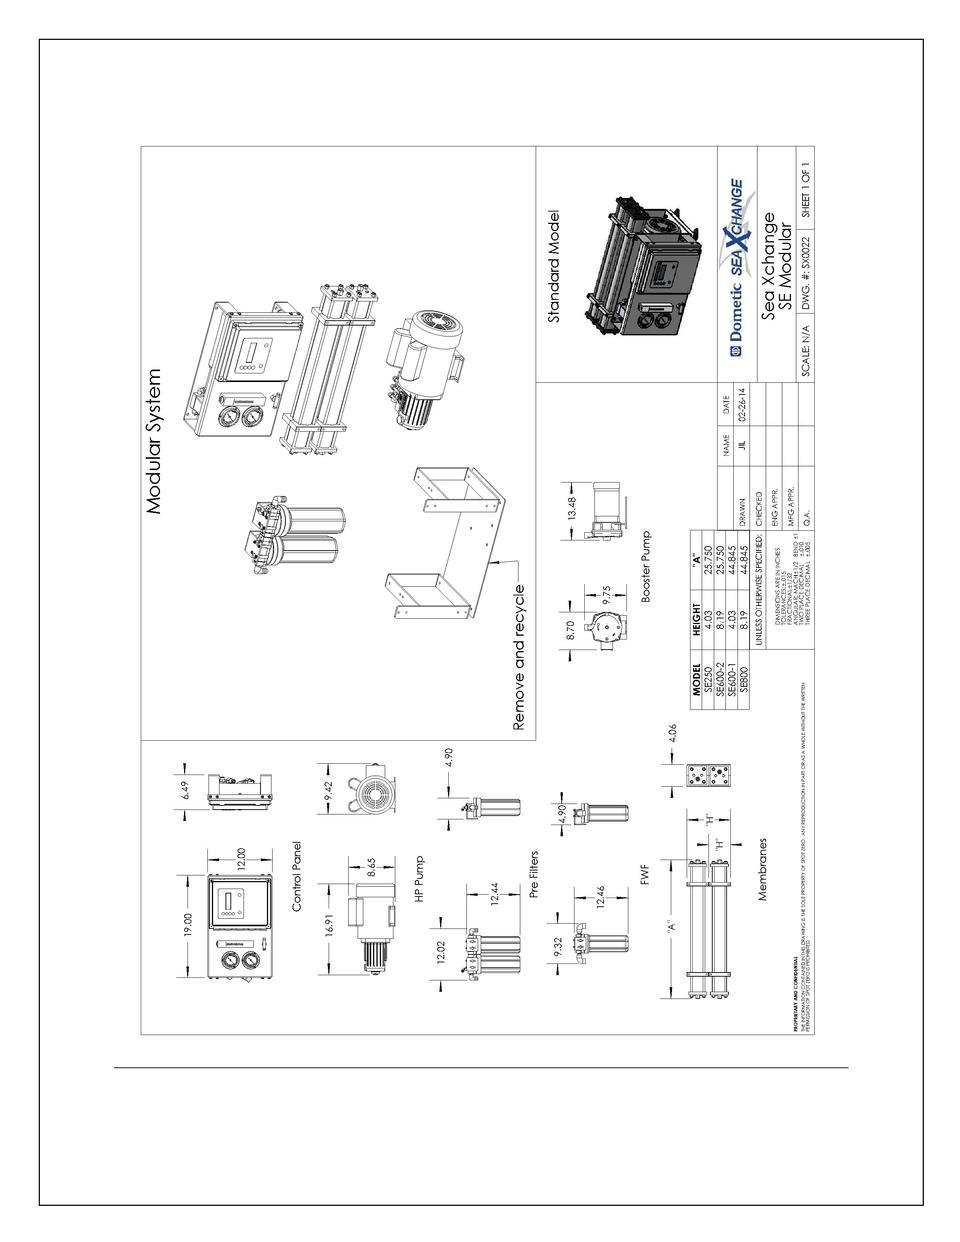 Spot Zero SE Manual : simplebooklet.com